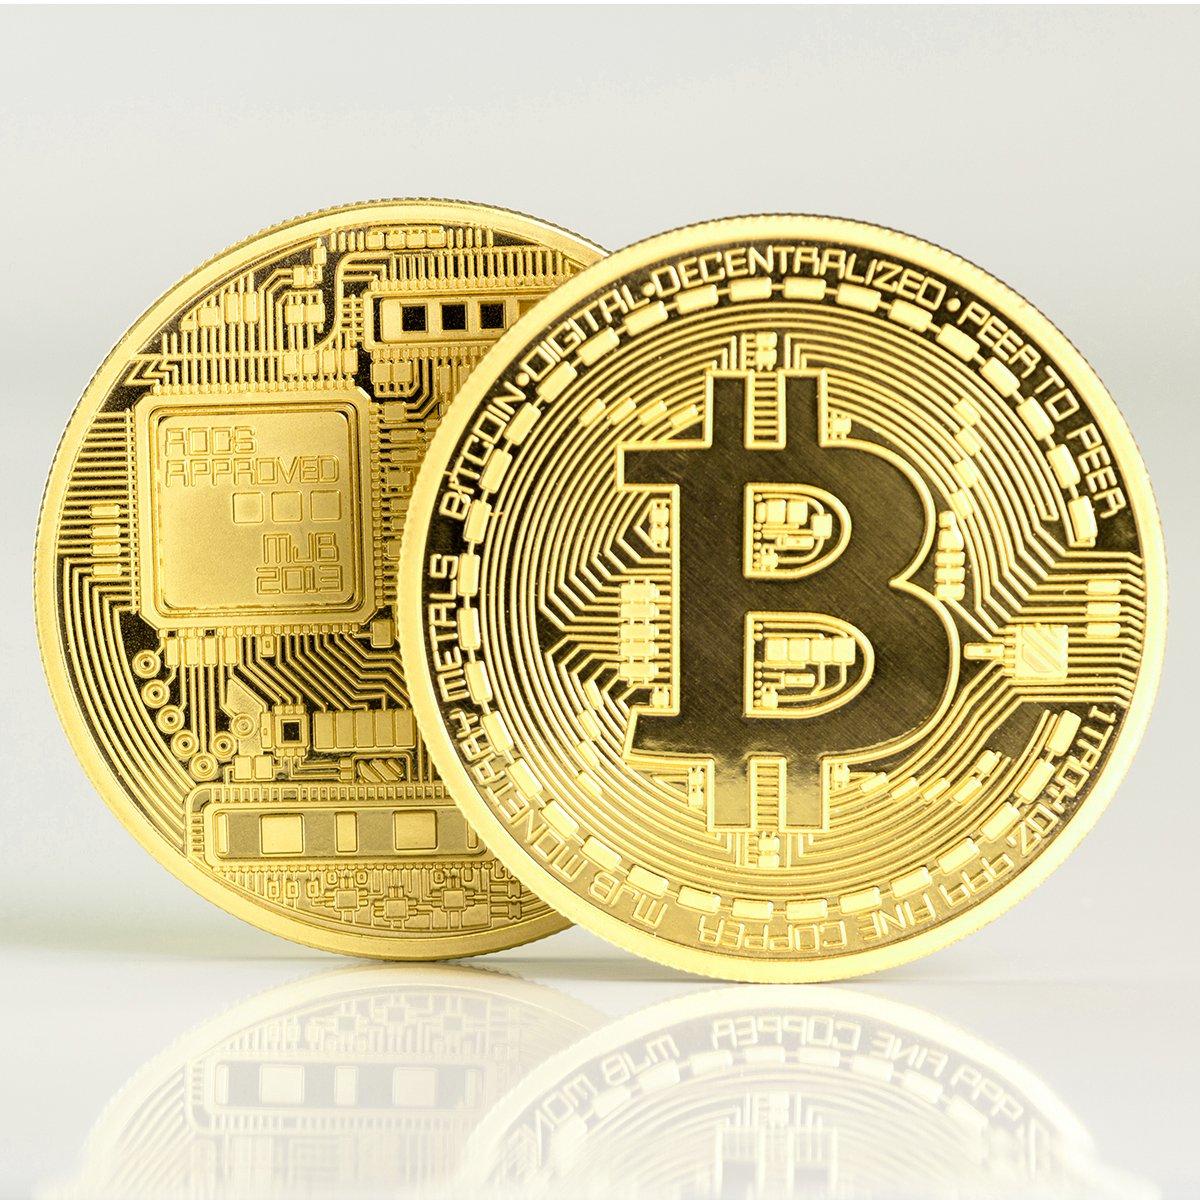 ビットコイン、万枚目が発行される 上限まであと年 - ITmedia ビジネスオンライン